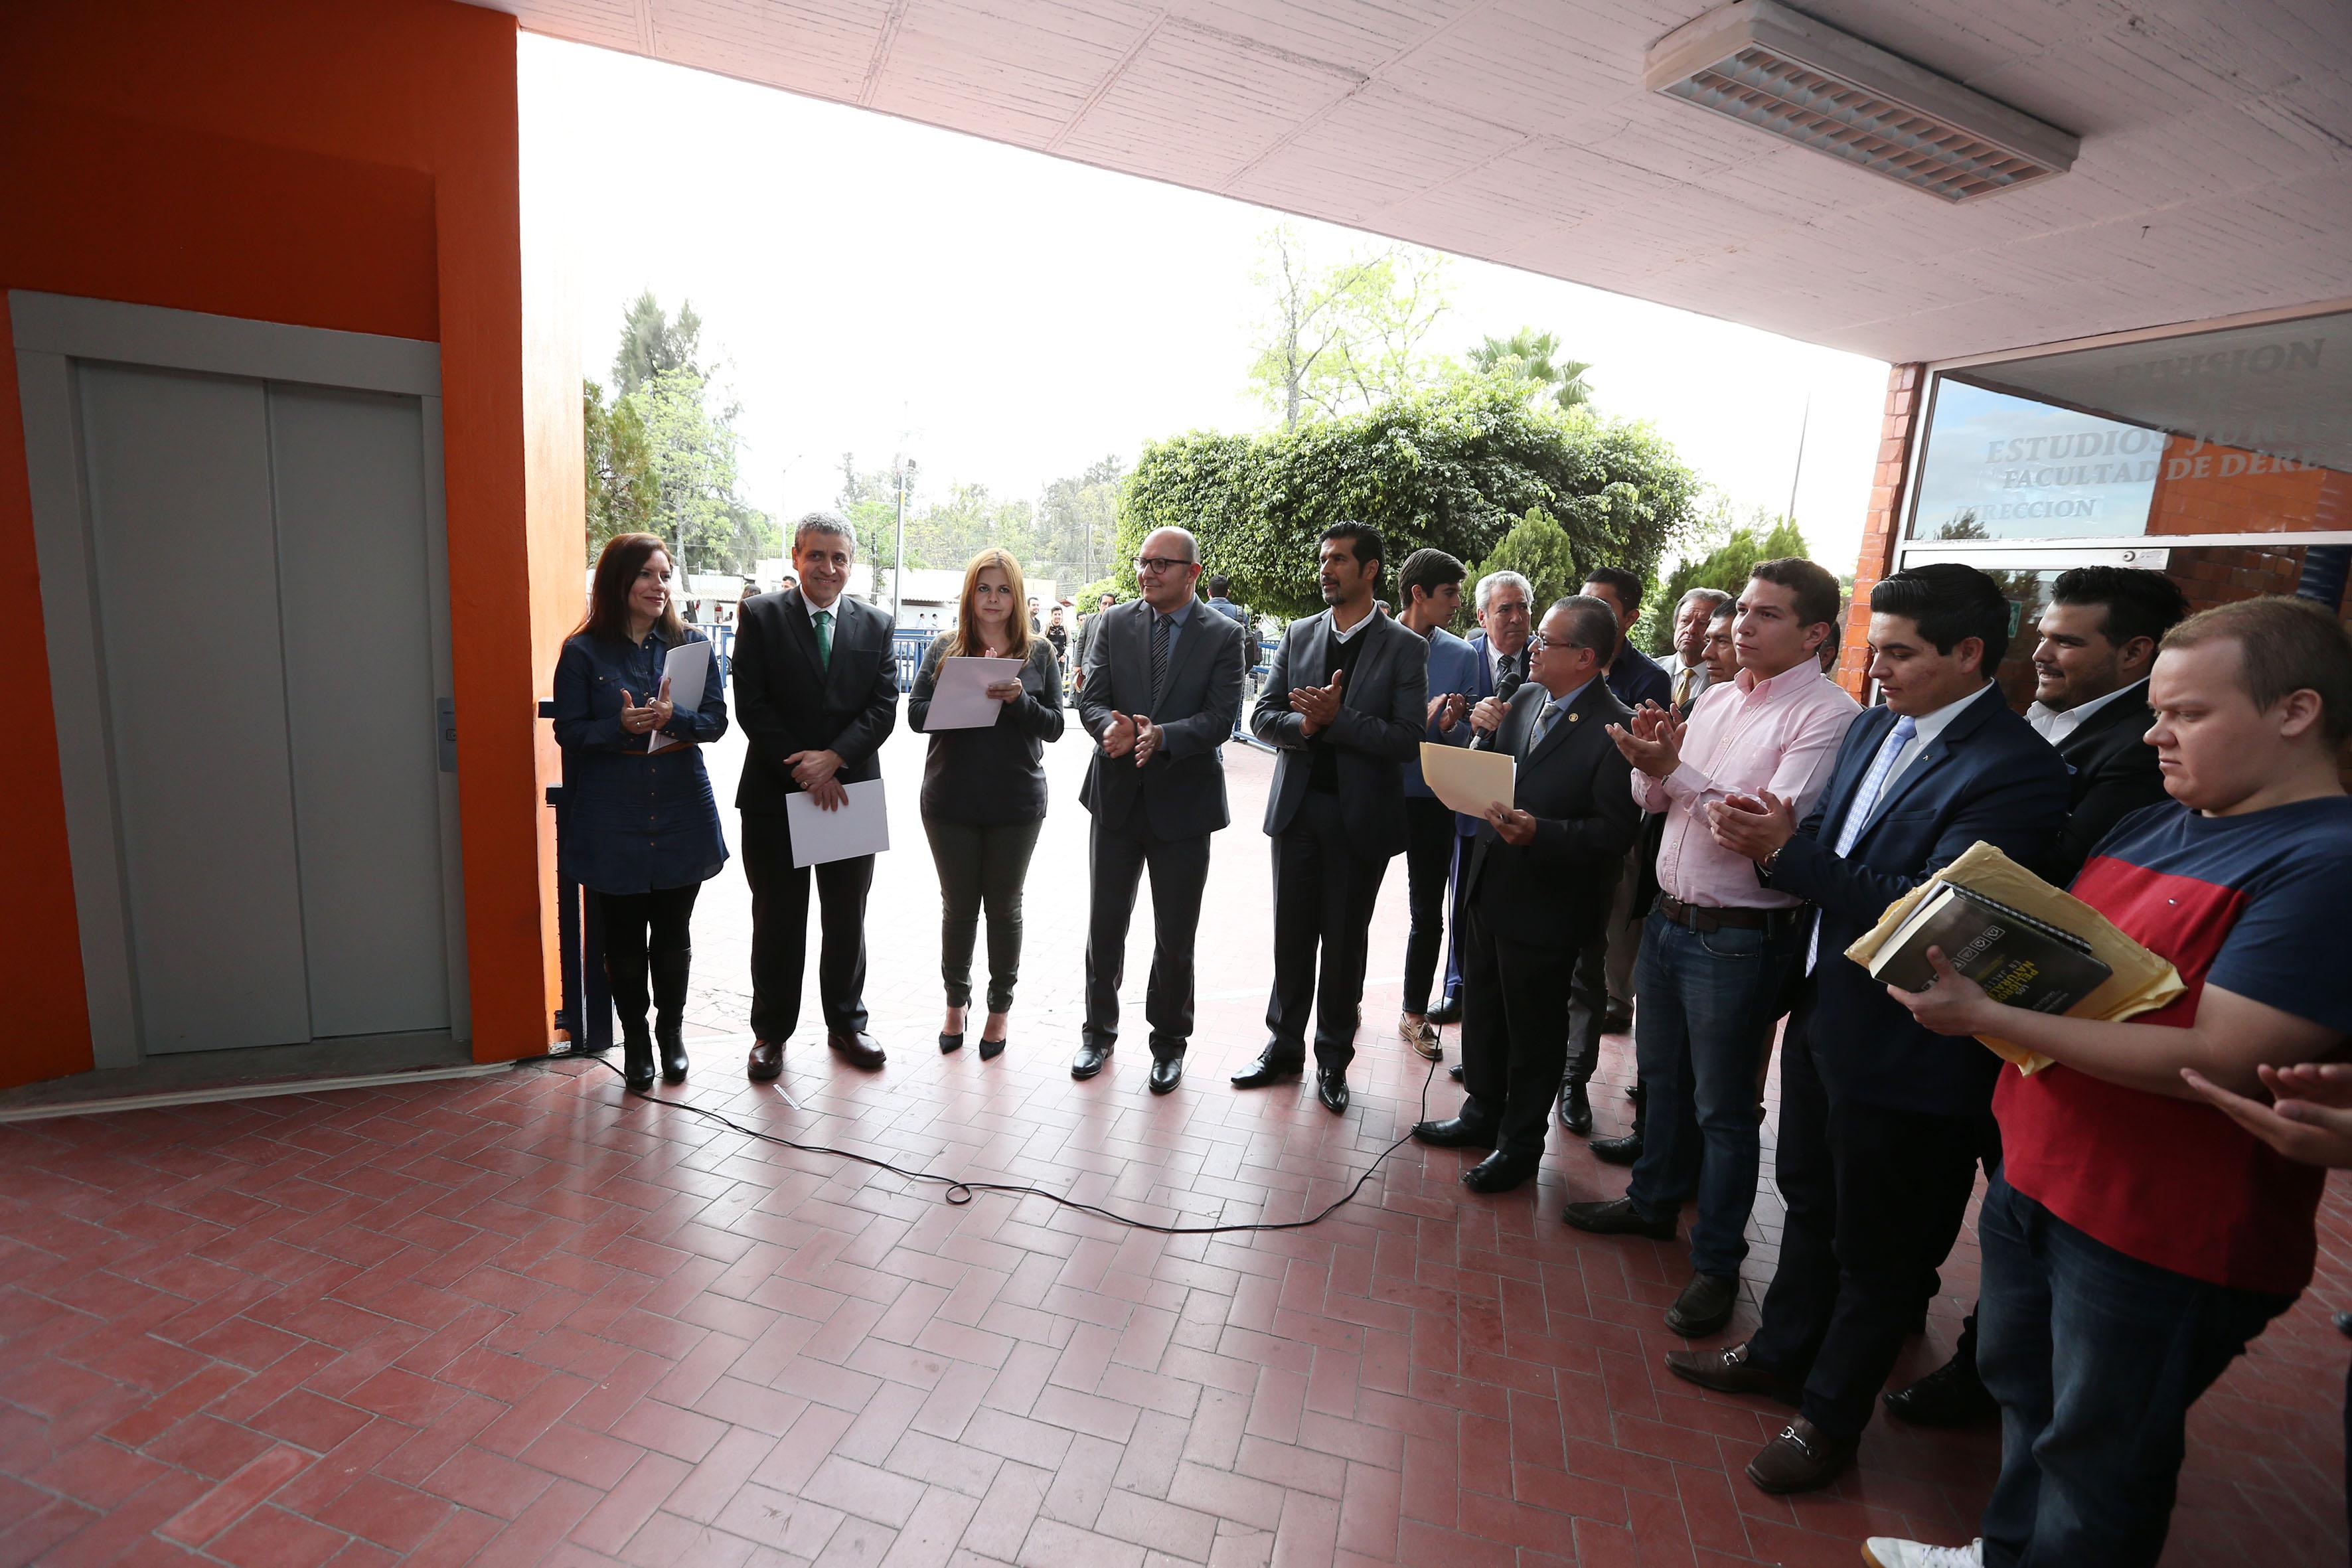 Autoridades de CUCSH inaugurando elevador para personas con capacidades diferentes, como parte del programa Universidad Incluyente.